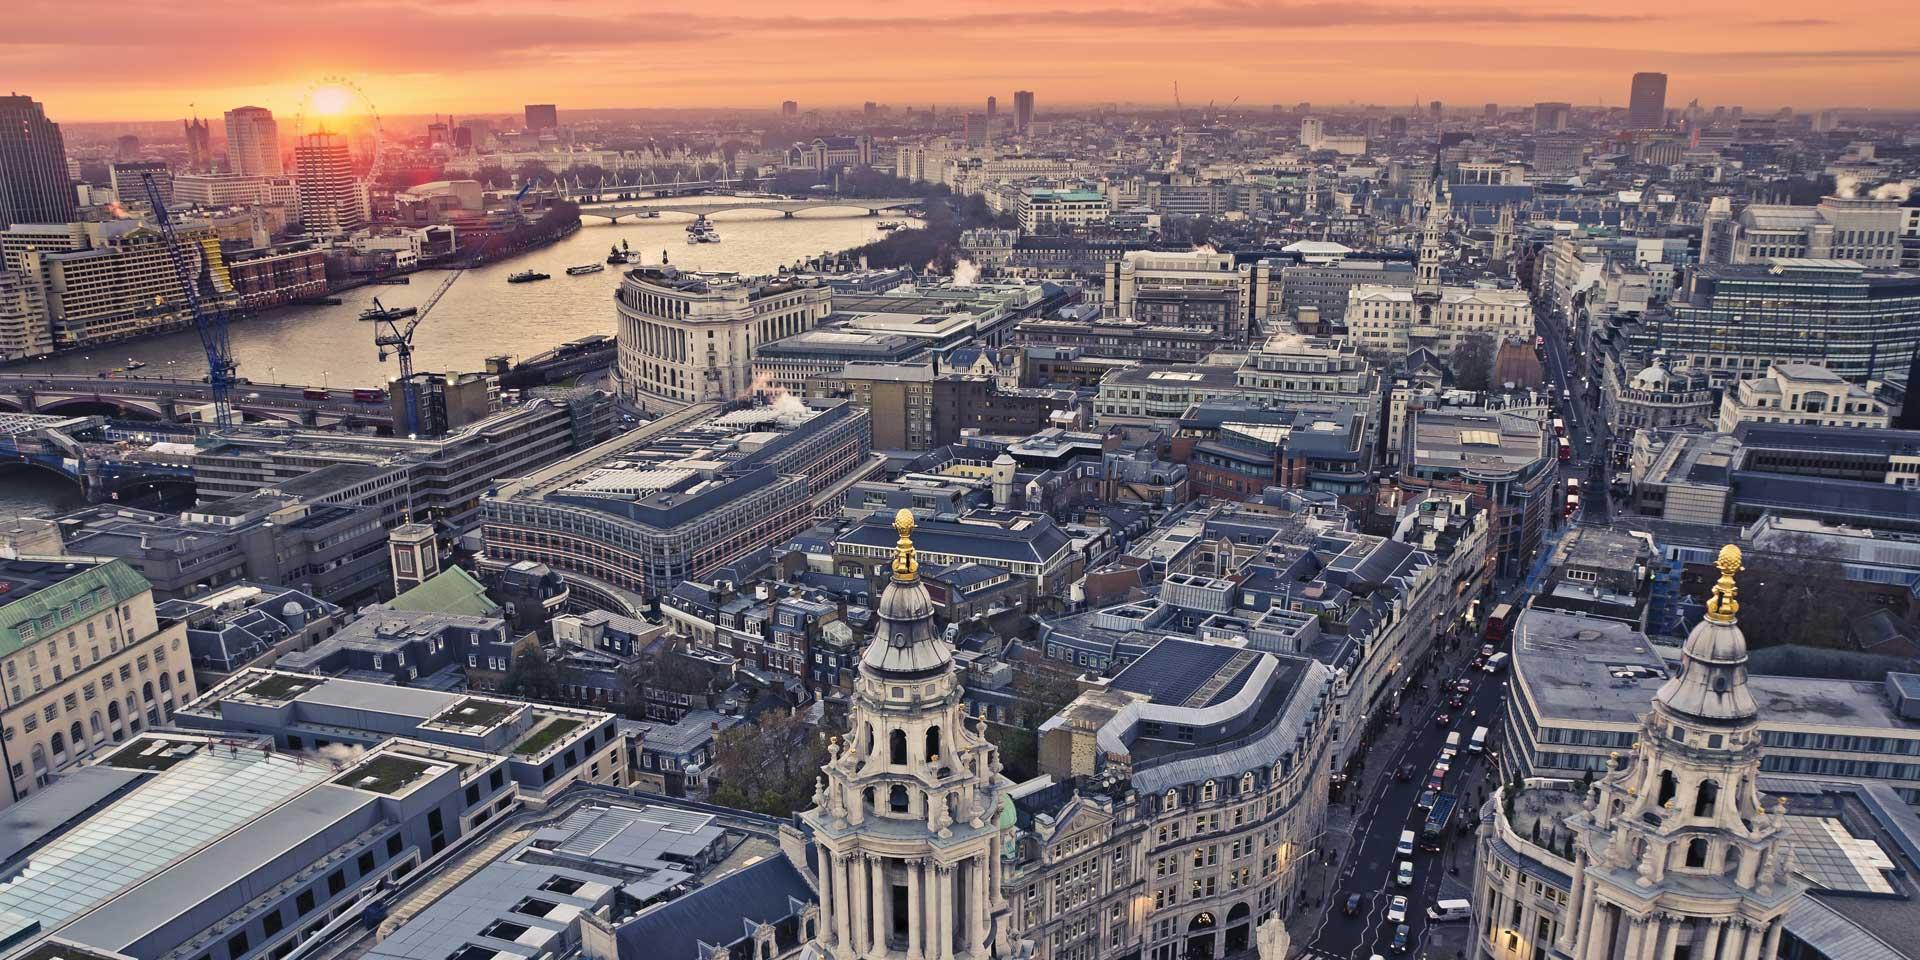 London White & Case